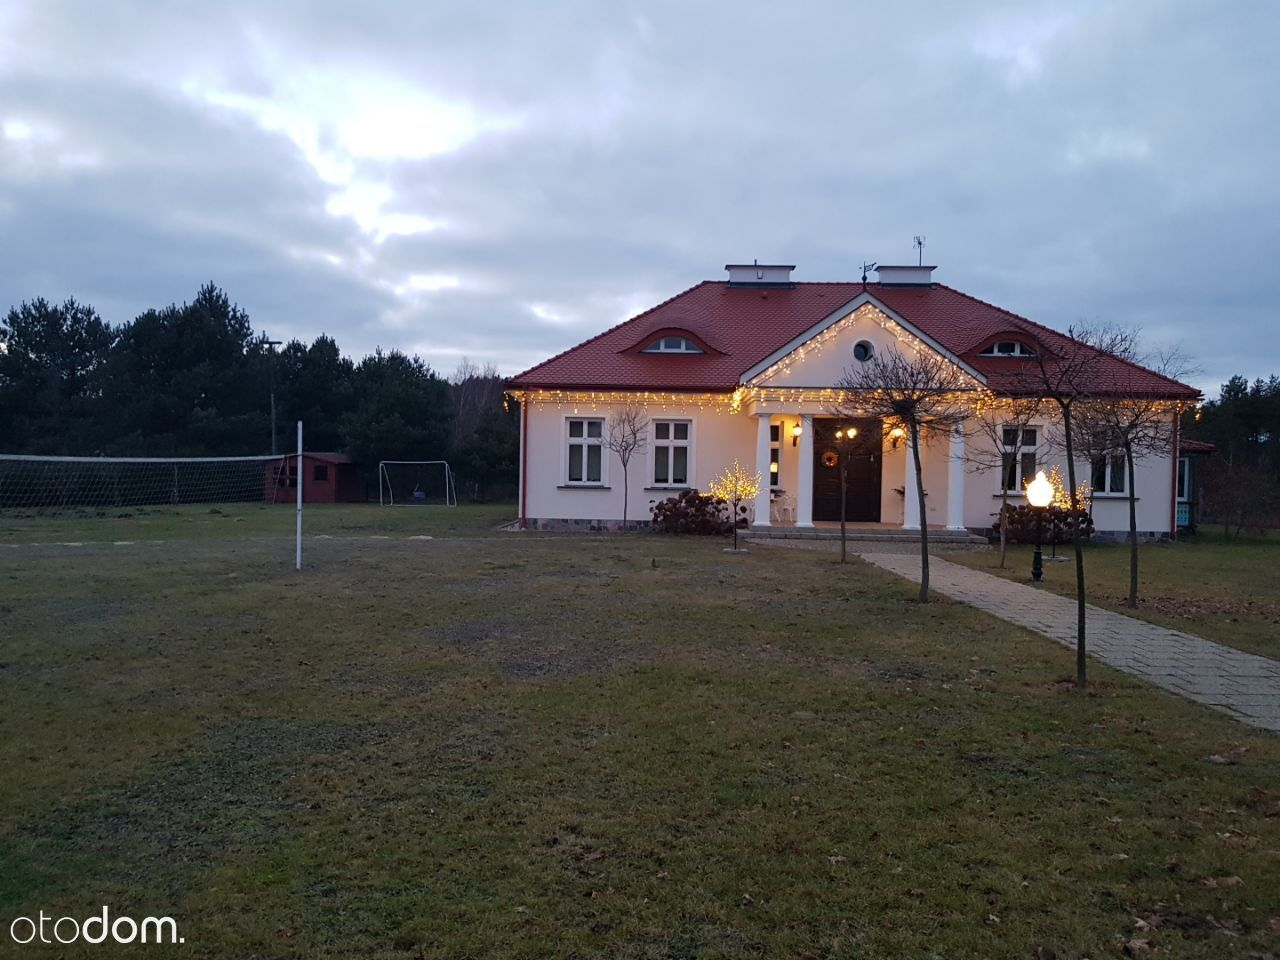 Dom na sprzedaż, Wda, starogardzki, pomorskie - Foto 2